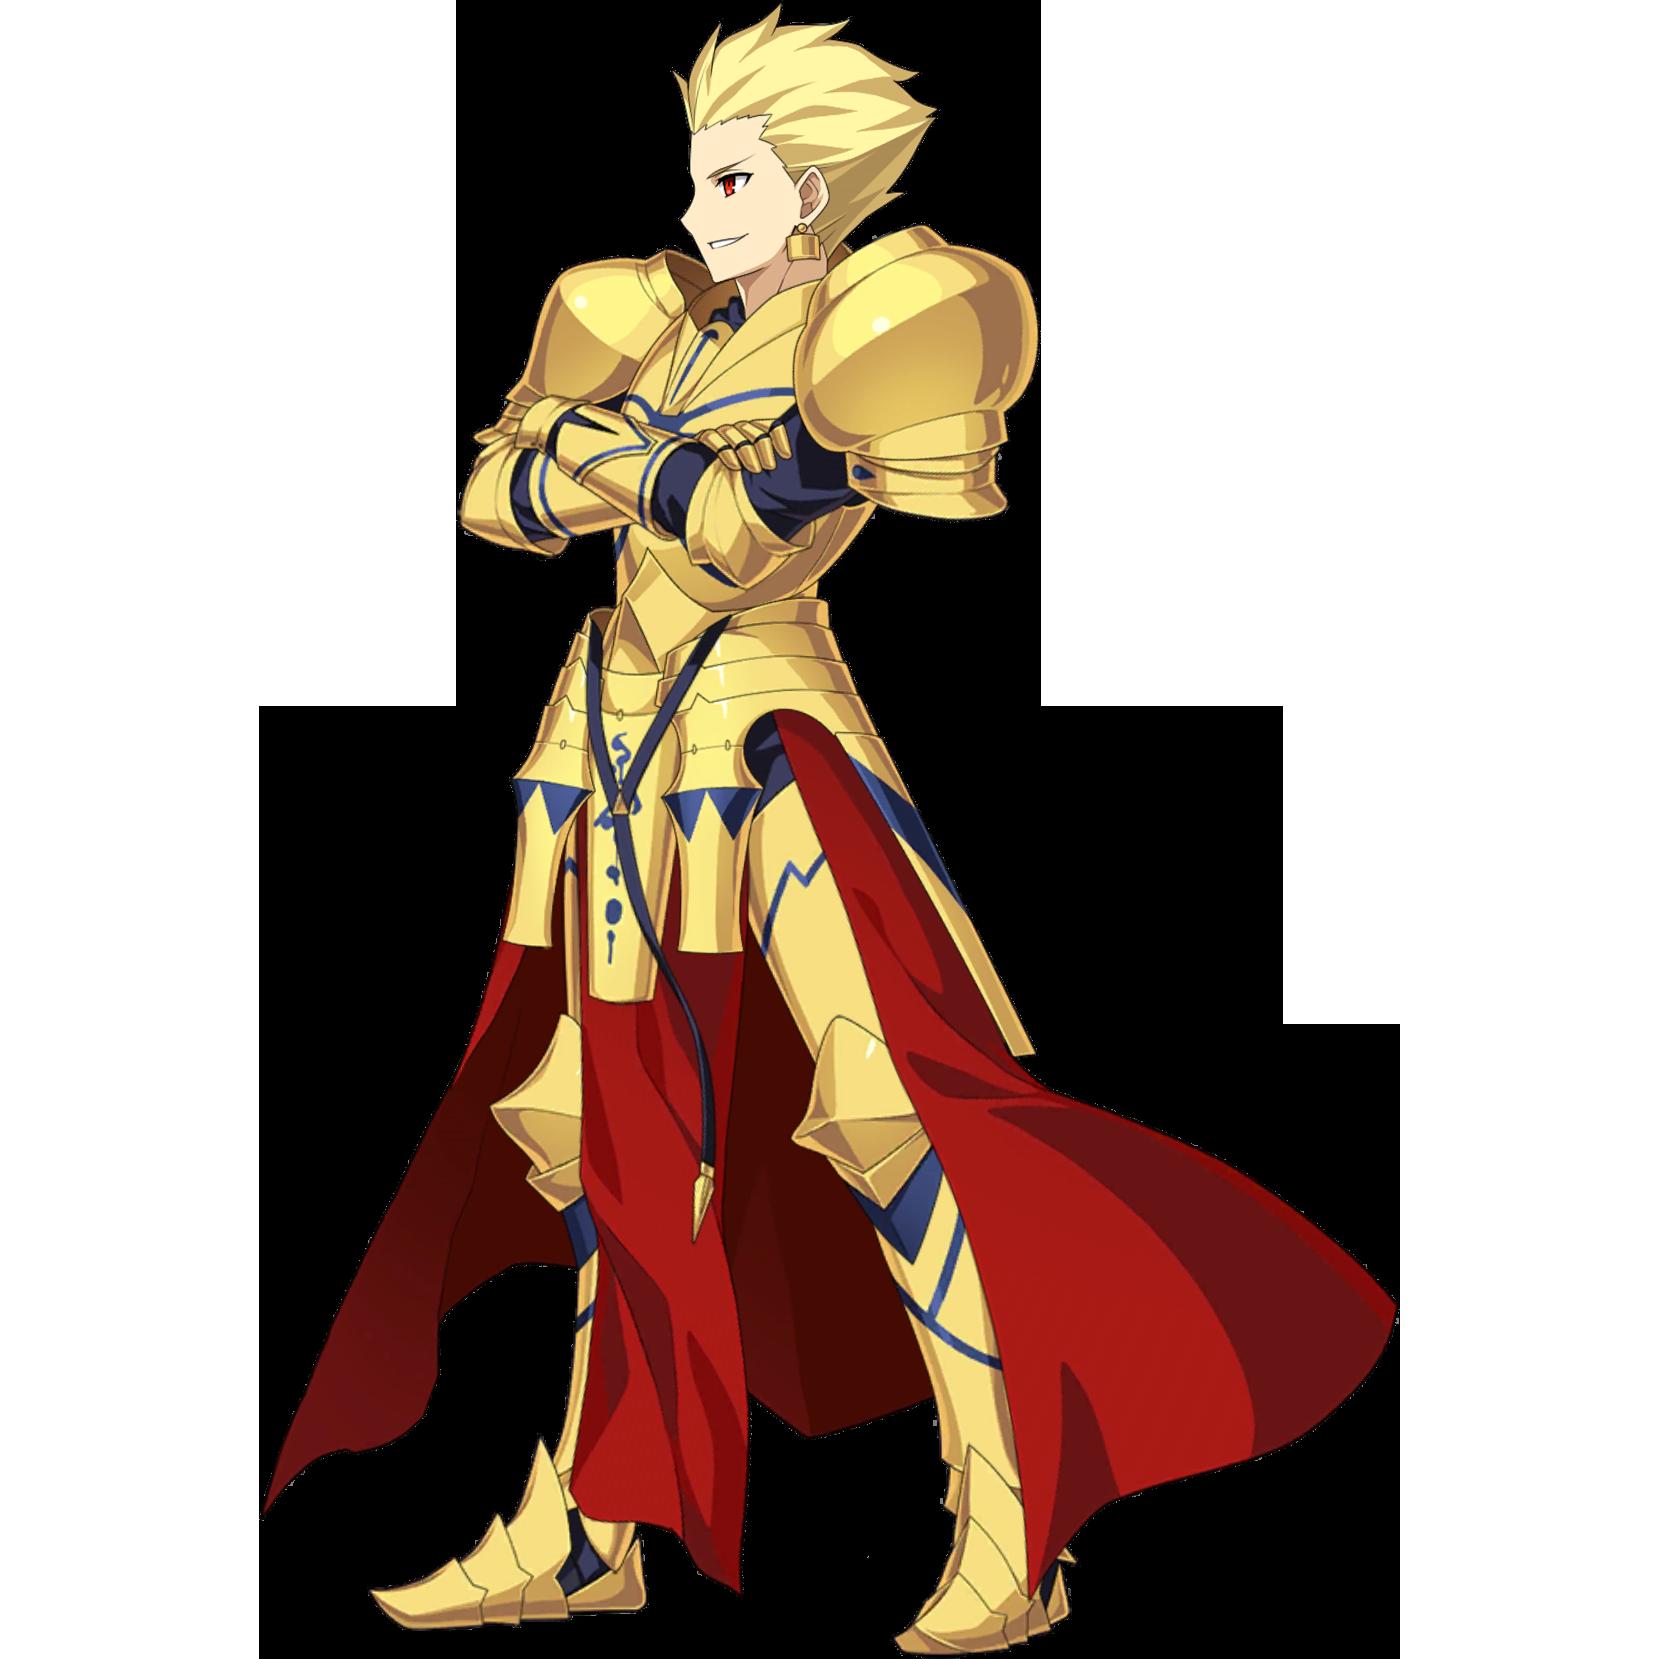 Gilgamesh Fate Grand Order Wikia Fandom